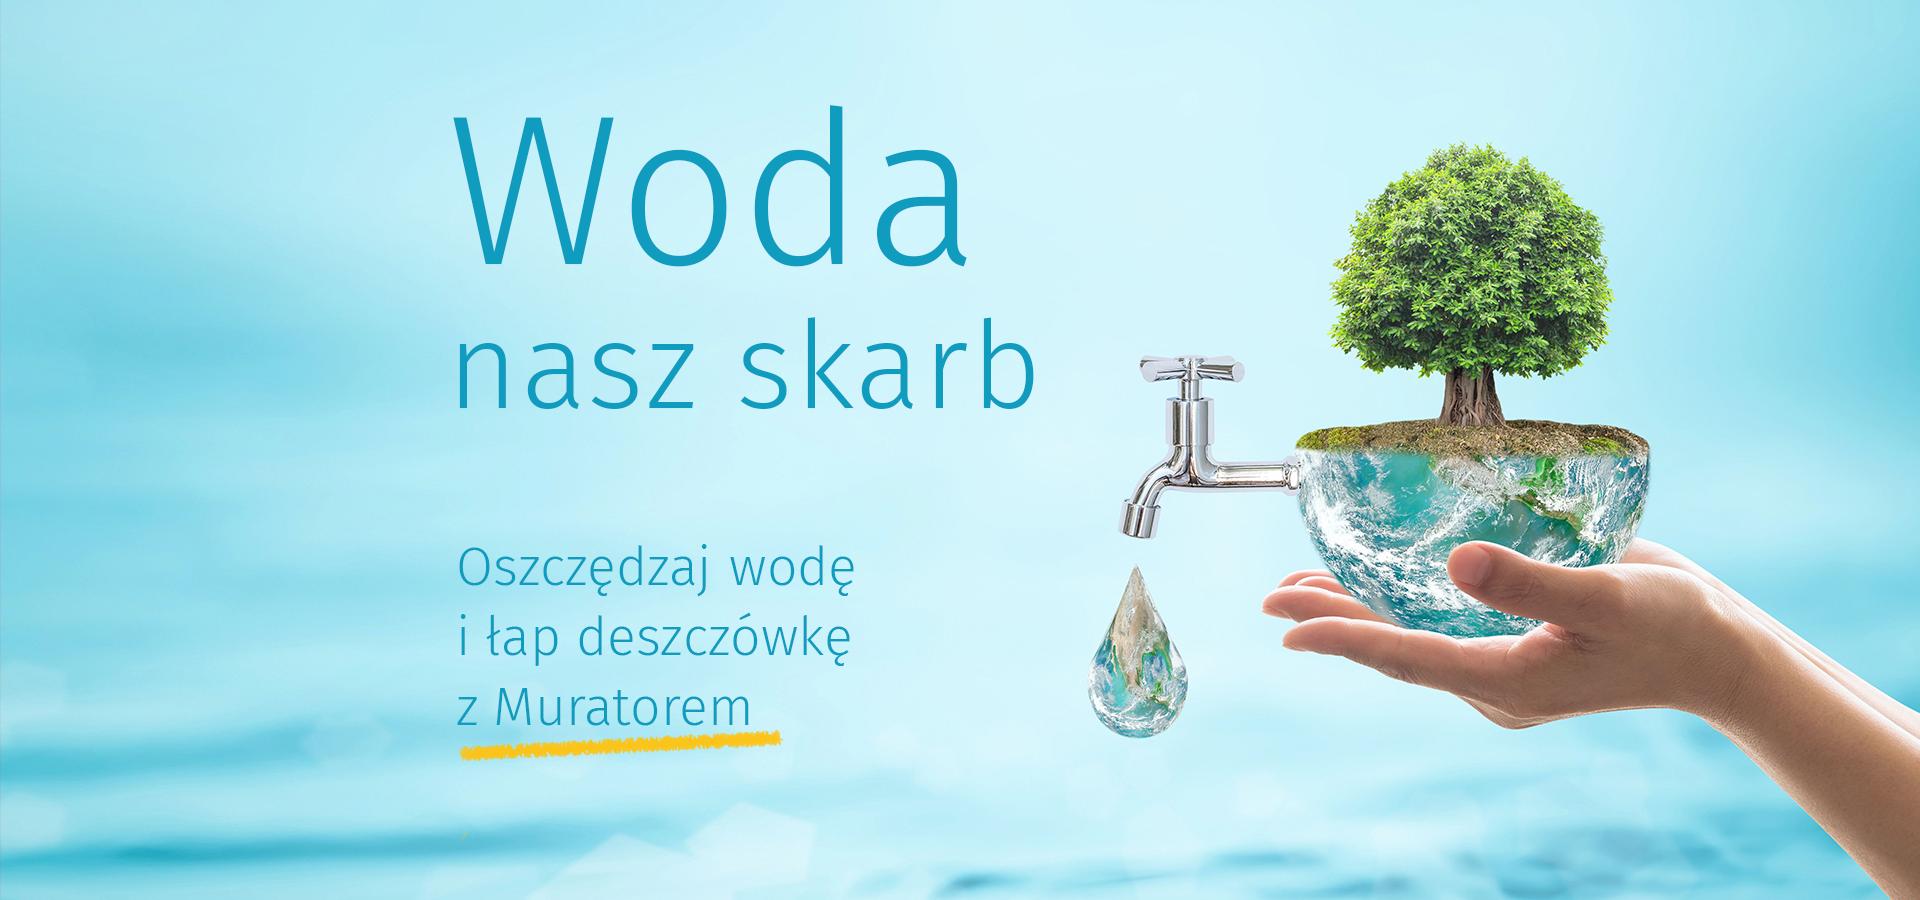 Woda open